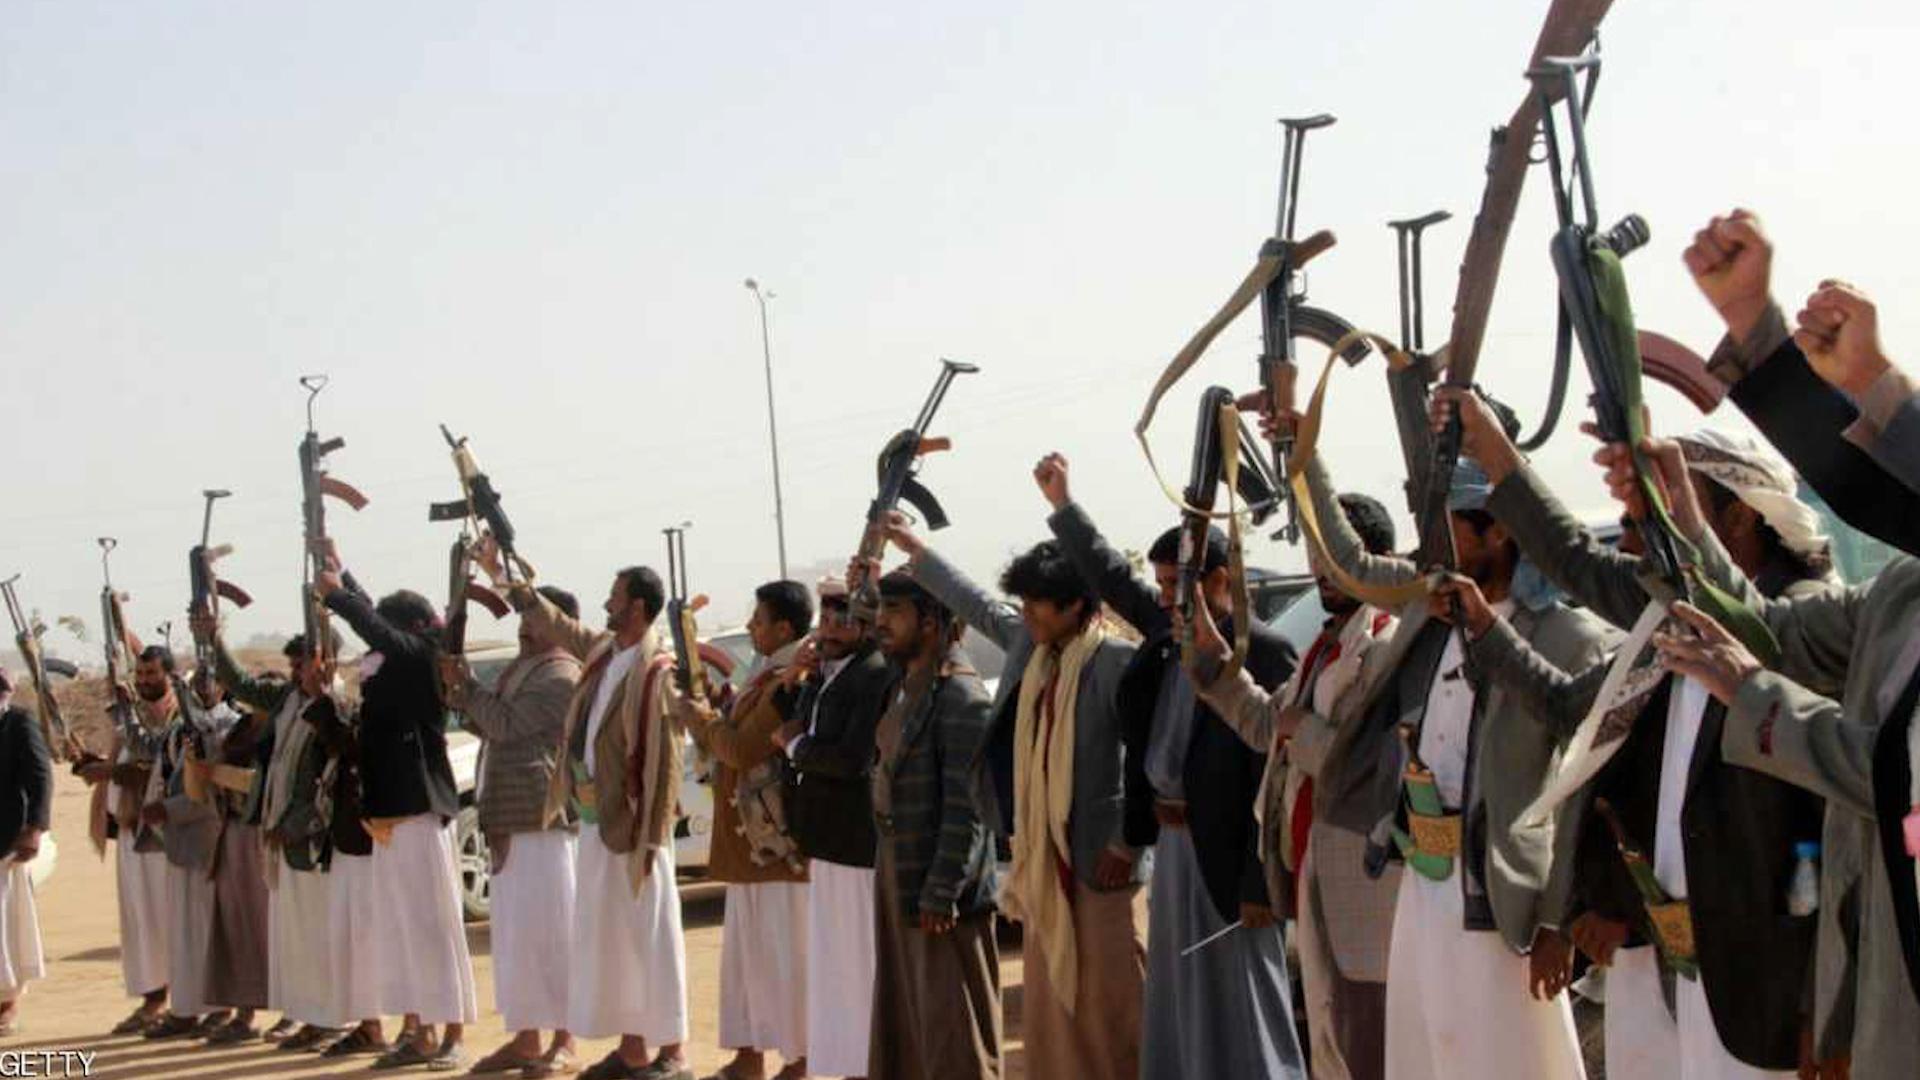 Photo of Di êrîşeke Hûsiyan de li Yemenê  90 kesî jiyana xwe ji dest da û 130 kes jî birîndar bûn